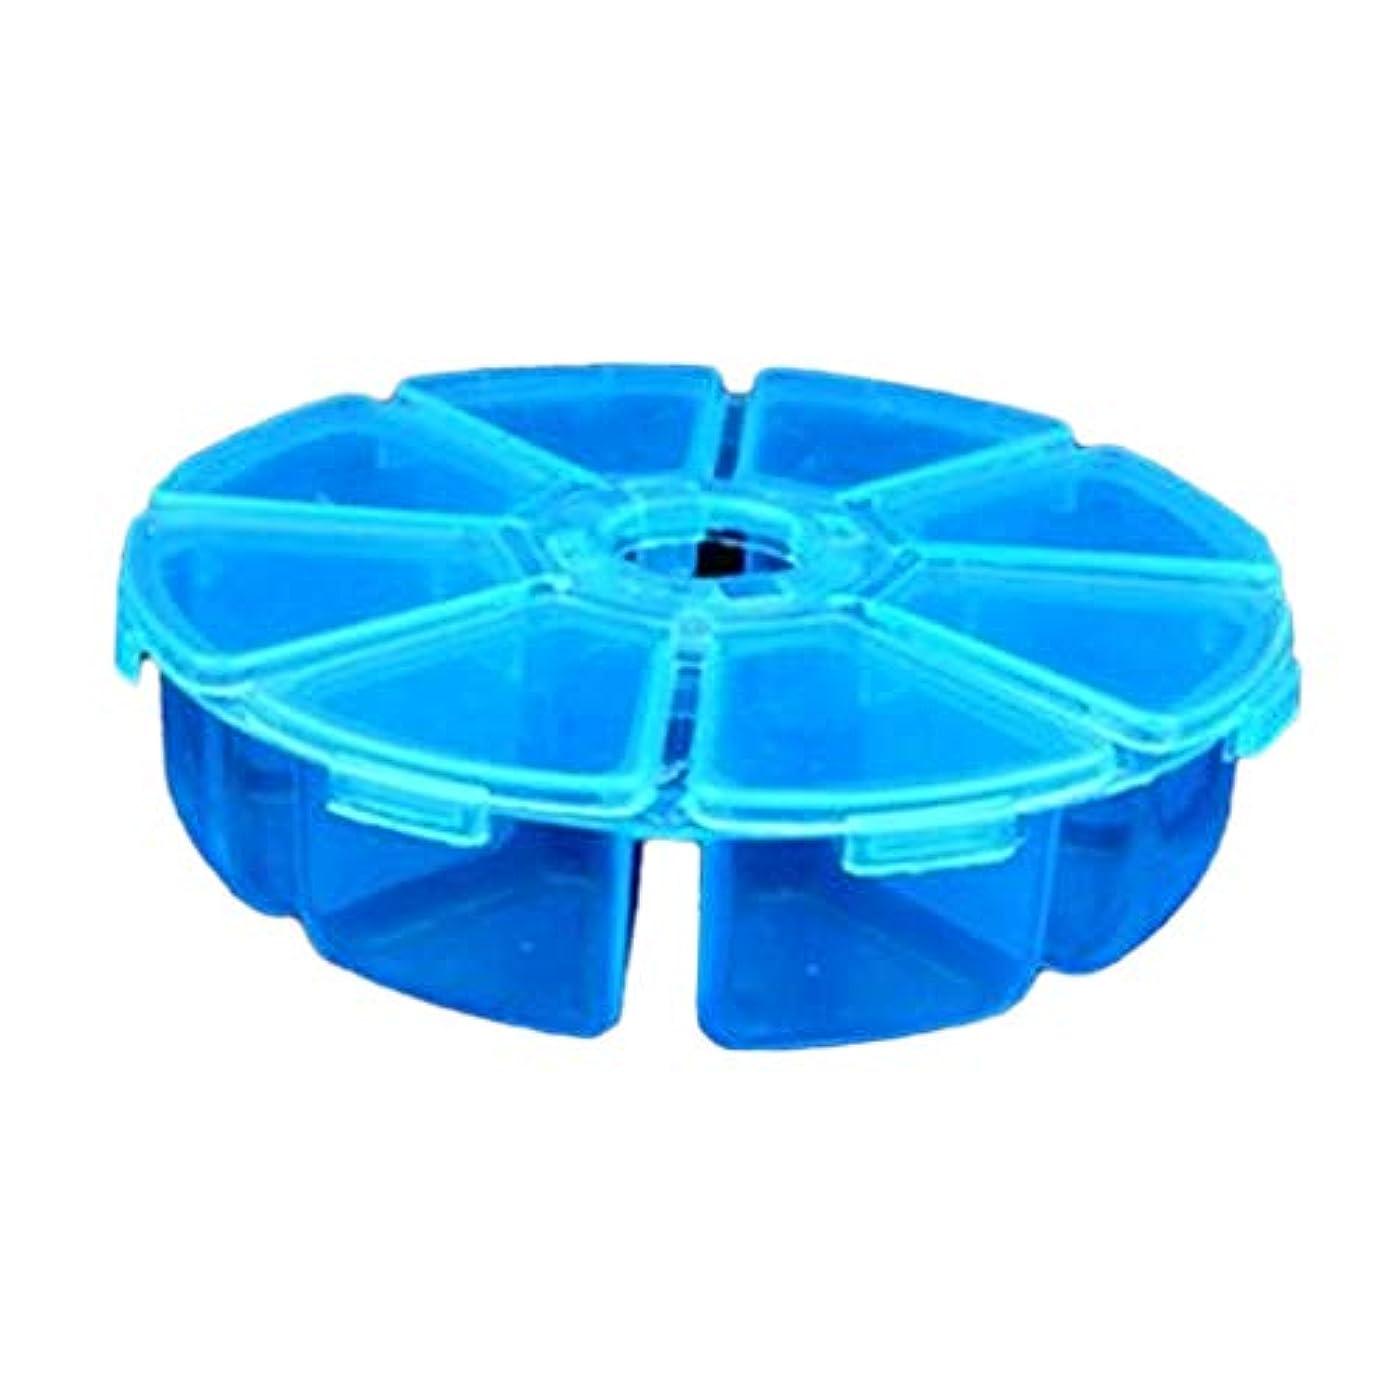 お風呂を持っている力学パターンDYNWAVE ネイルアート オーガナイザー 収納 ボックス 8コンパートメント 仕切り プラスチック 全4色 - ブルー